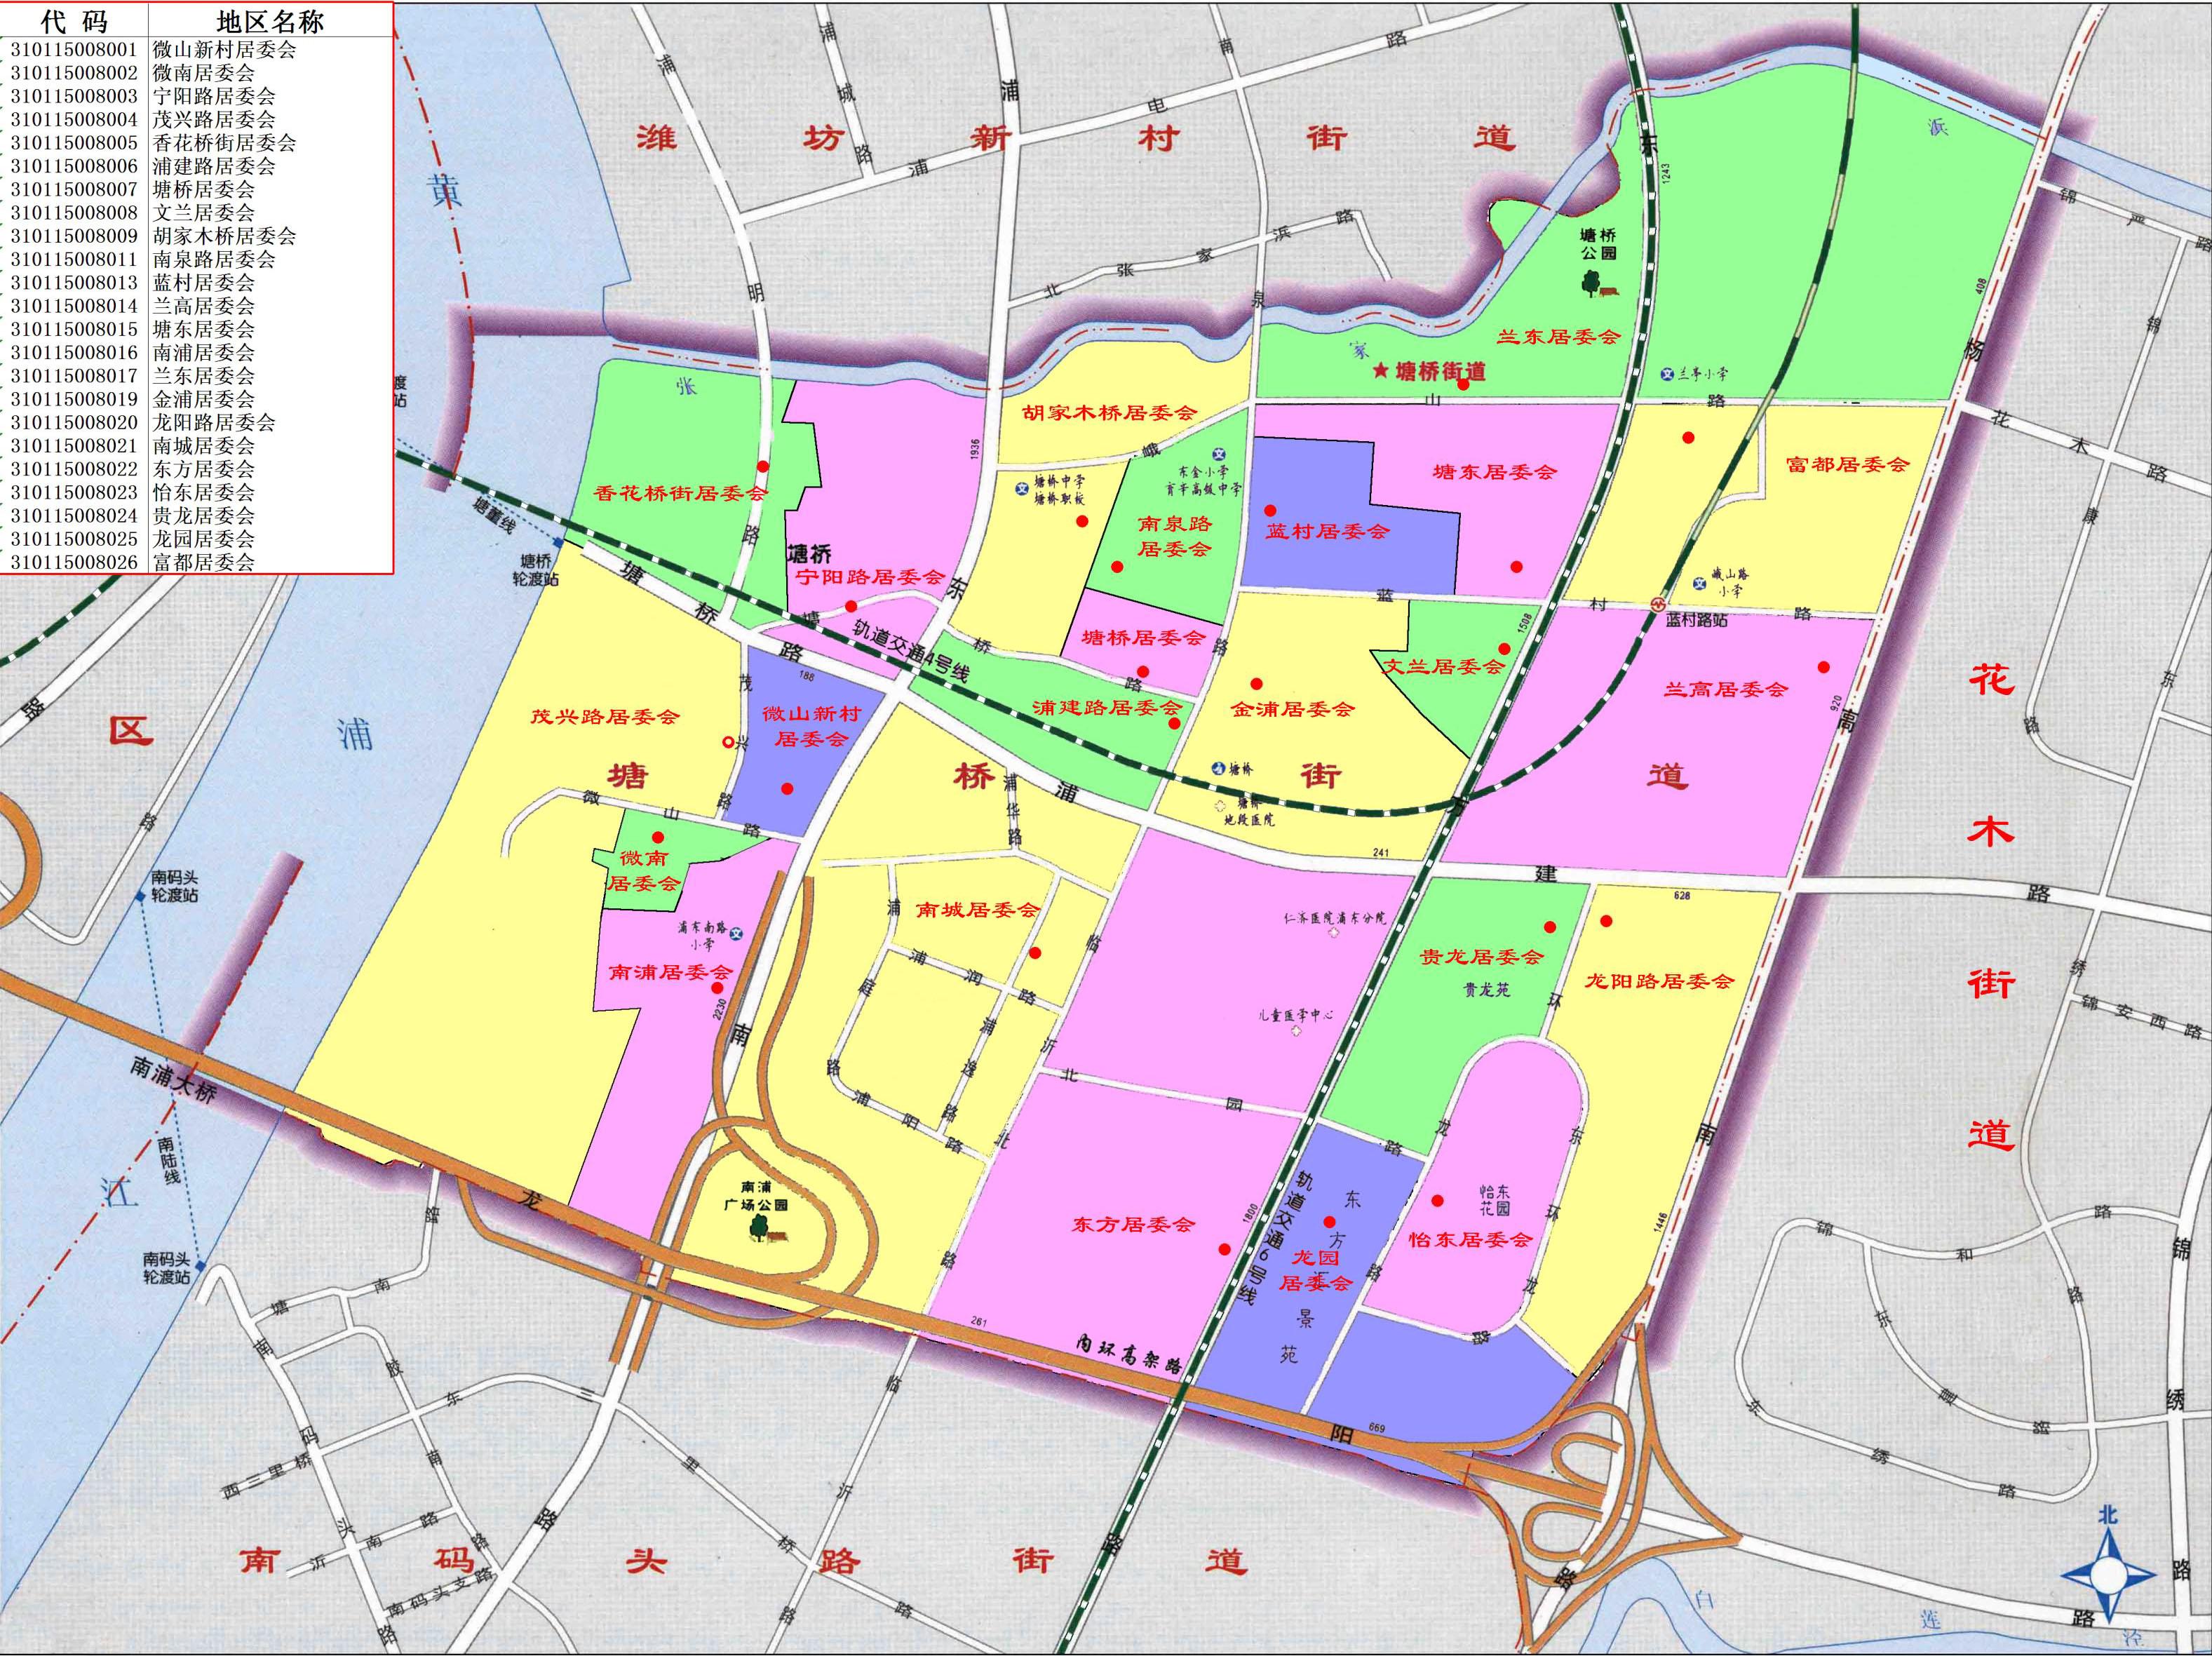 浦东新区塘桥街道地图